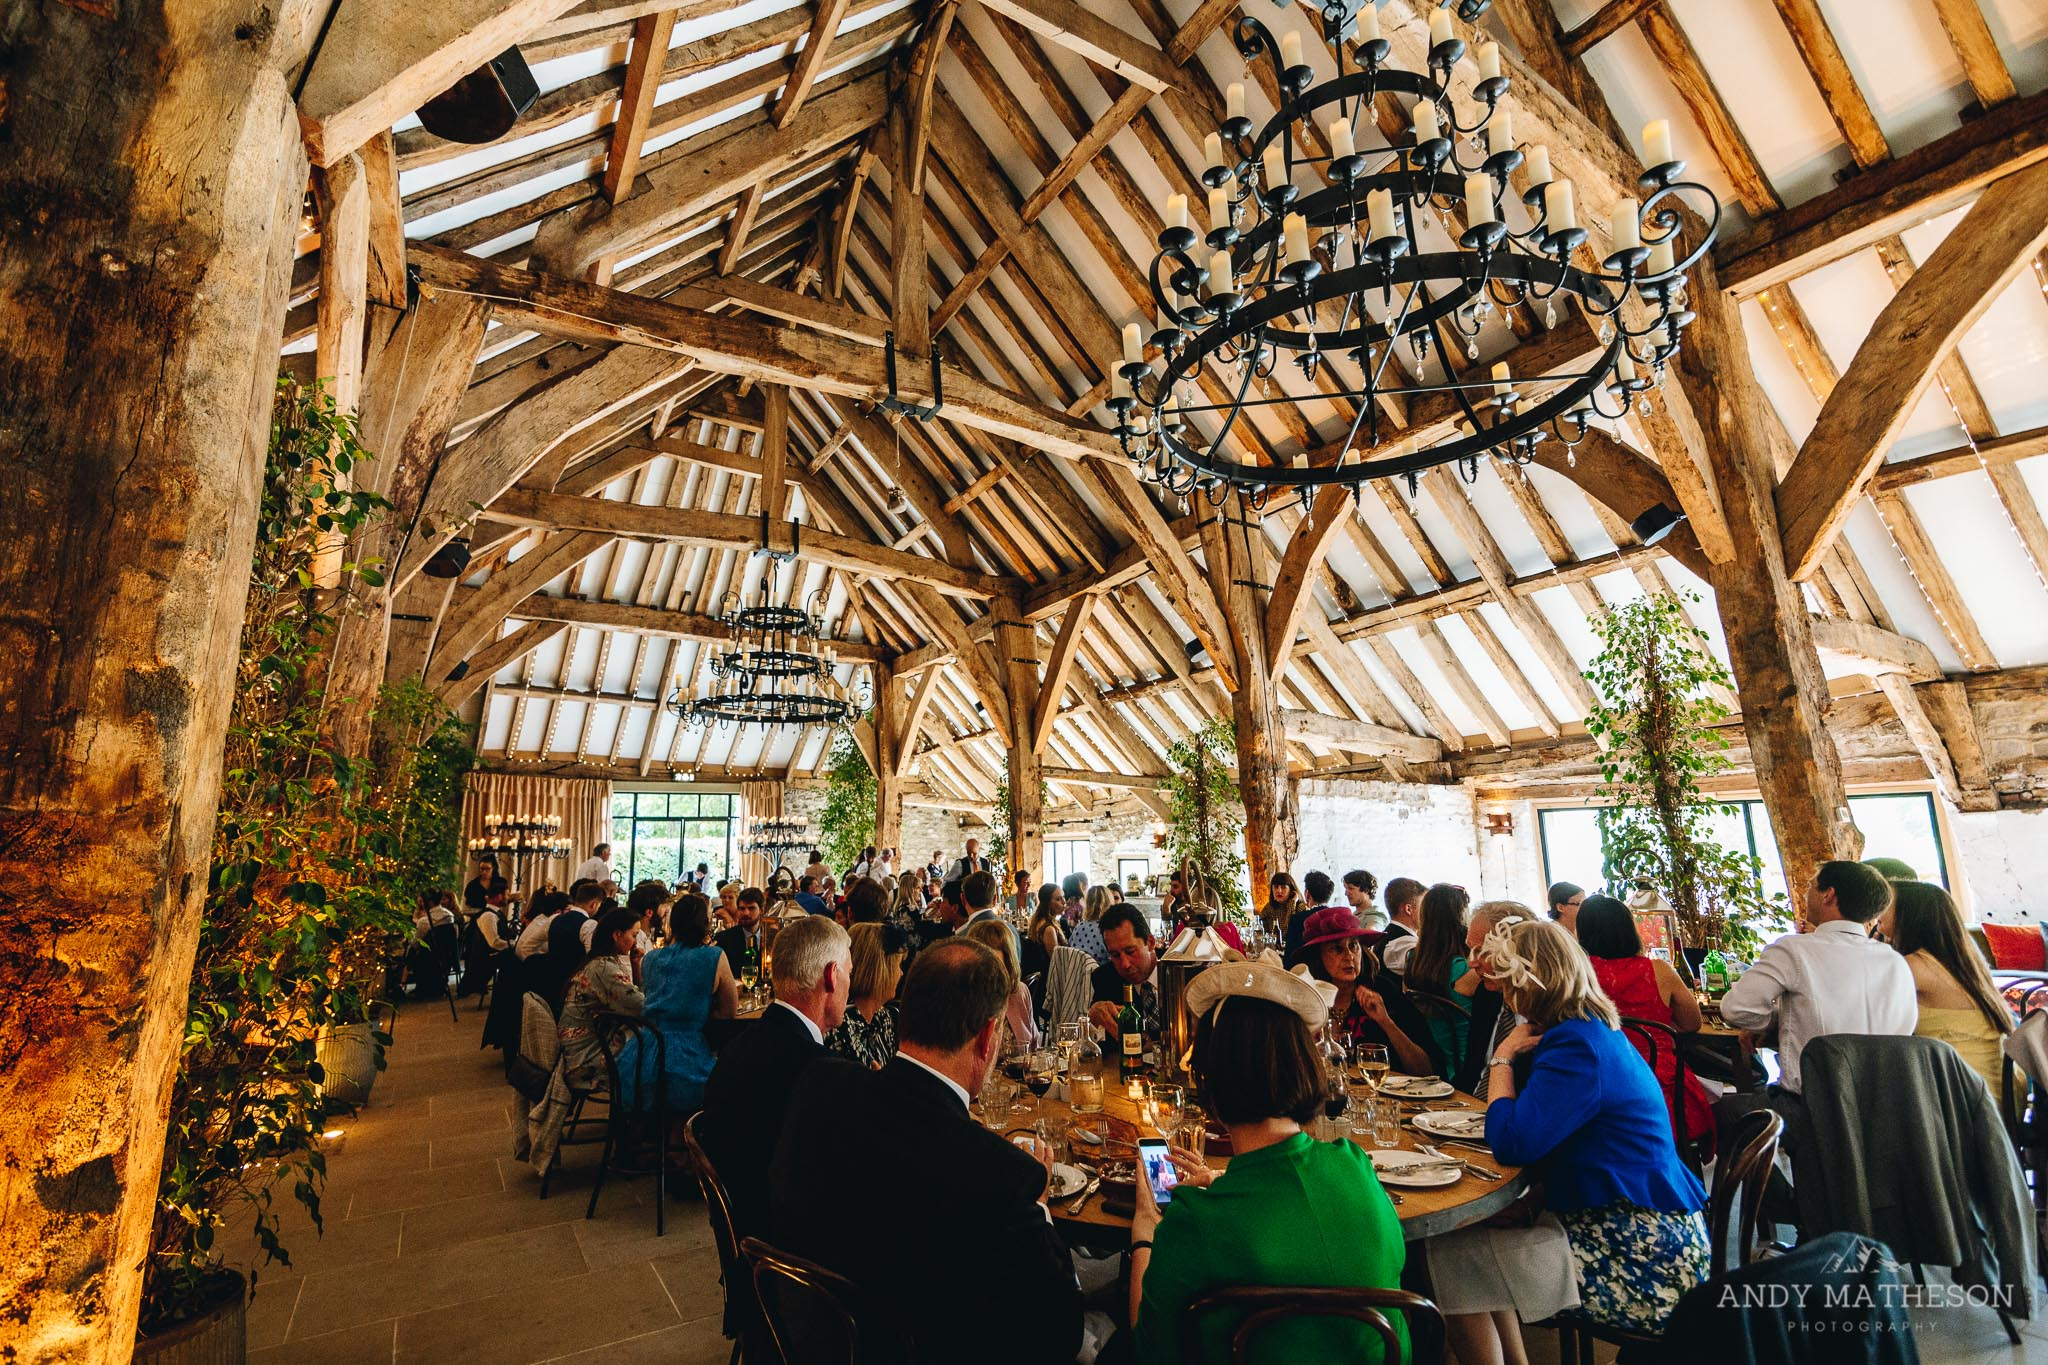 Tithe Barn Bolton Abbey Wedding Photographer_Andy Matheson_062.jpg